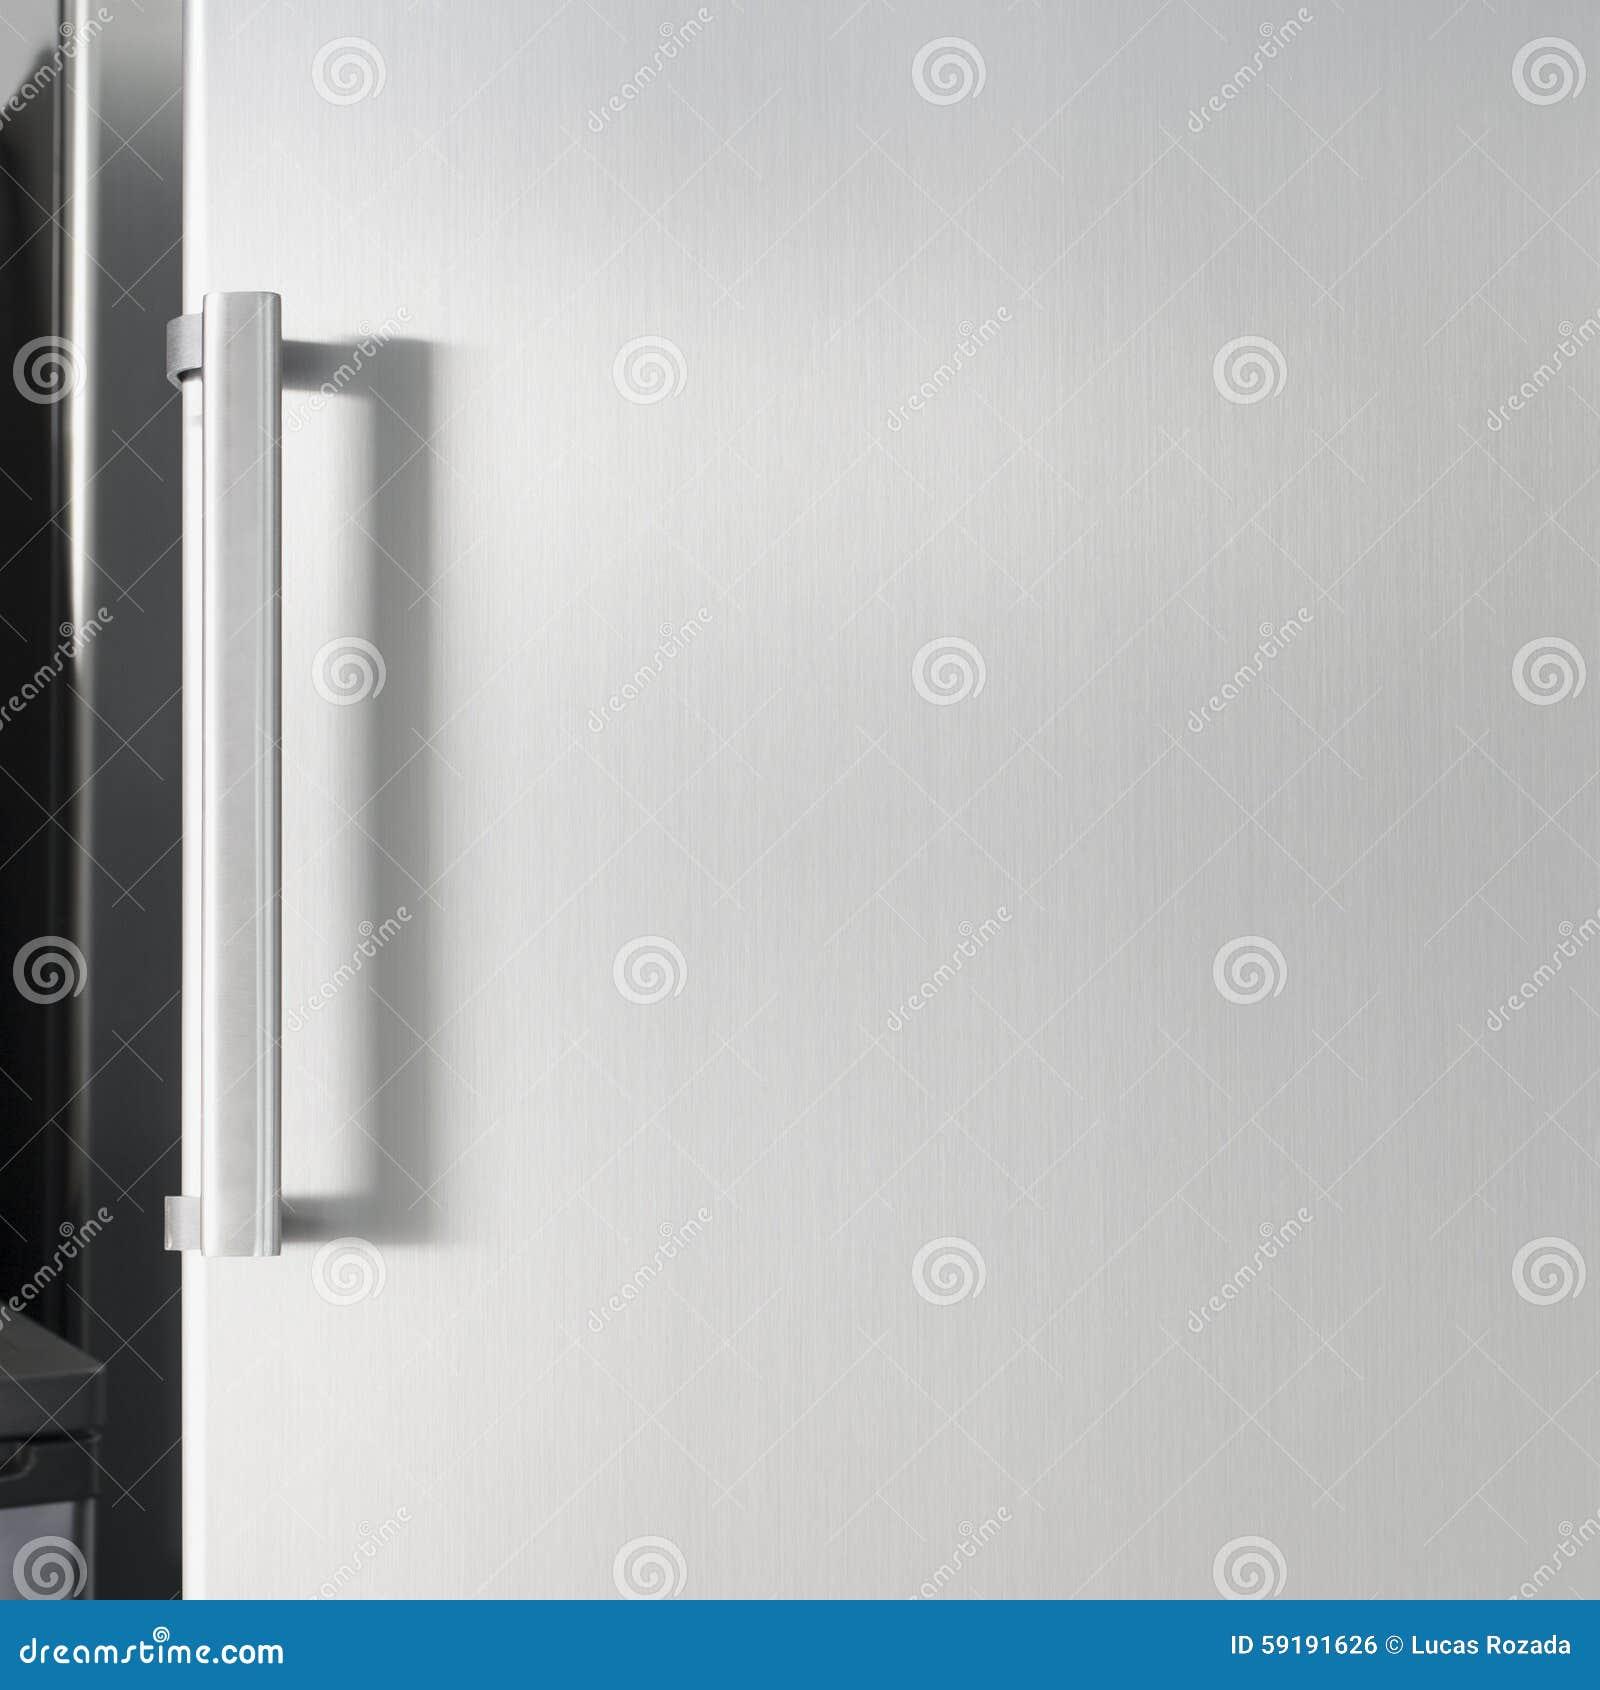 Puerta De Plata Del Refrigerador Con La Manija, Con El Espacio Libre ...